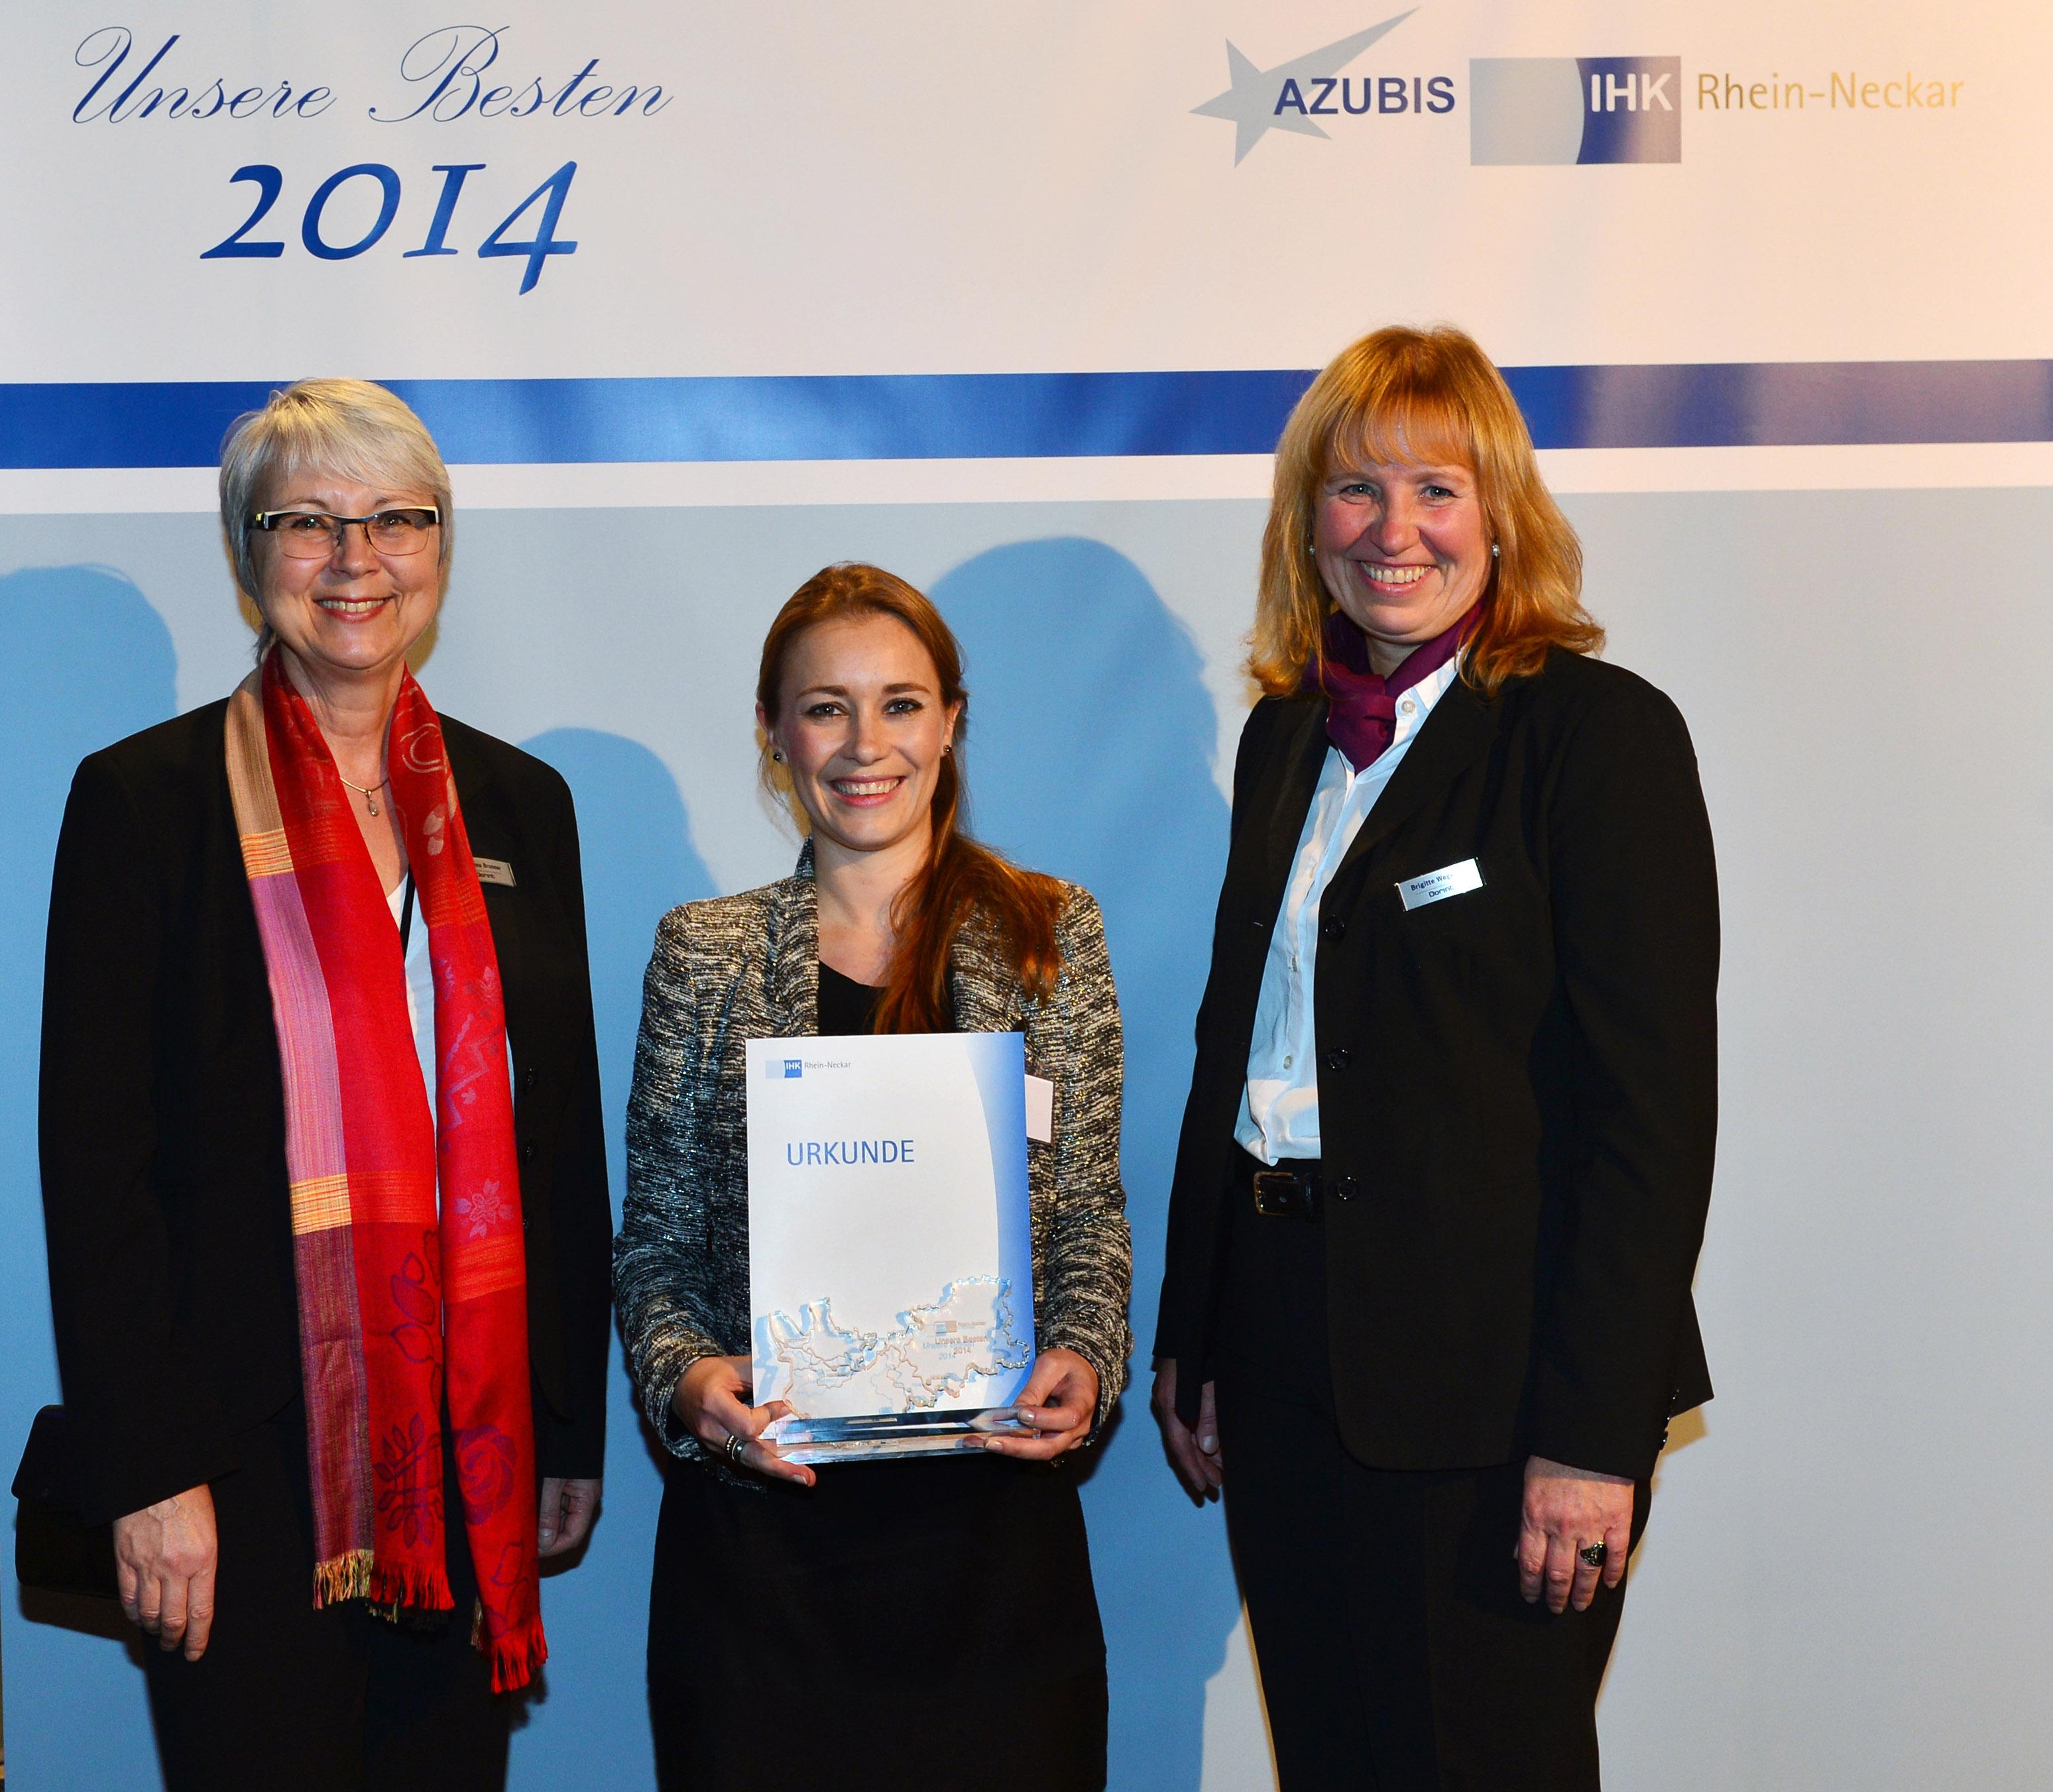 Gemeinsam mit der Prüfungsbesten im Ausbildungsberuf Hotelfach, Georgina Haas, (Mitte) freuten sich Dorint Direktionsassistentin Martina Brunner (links) und Personalleiterin Brigitte Wegener über die Auszeichnung der IHK Rhein-Neckar.